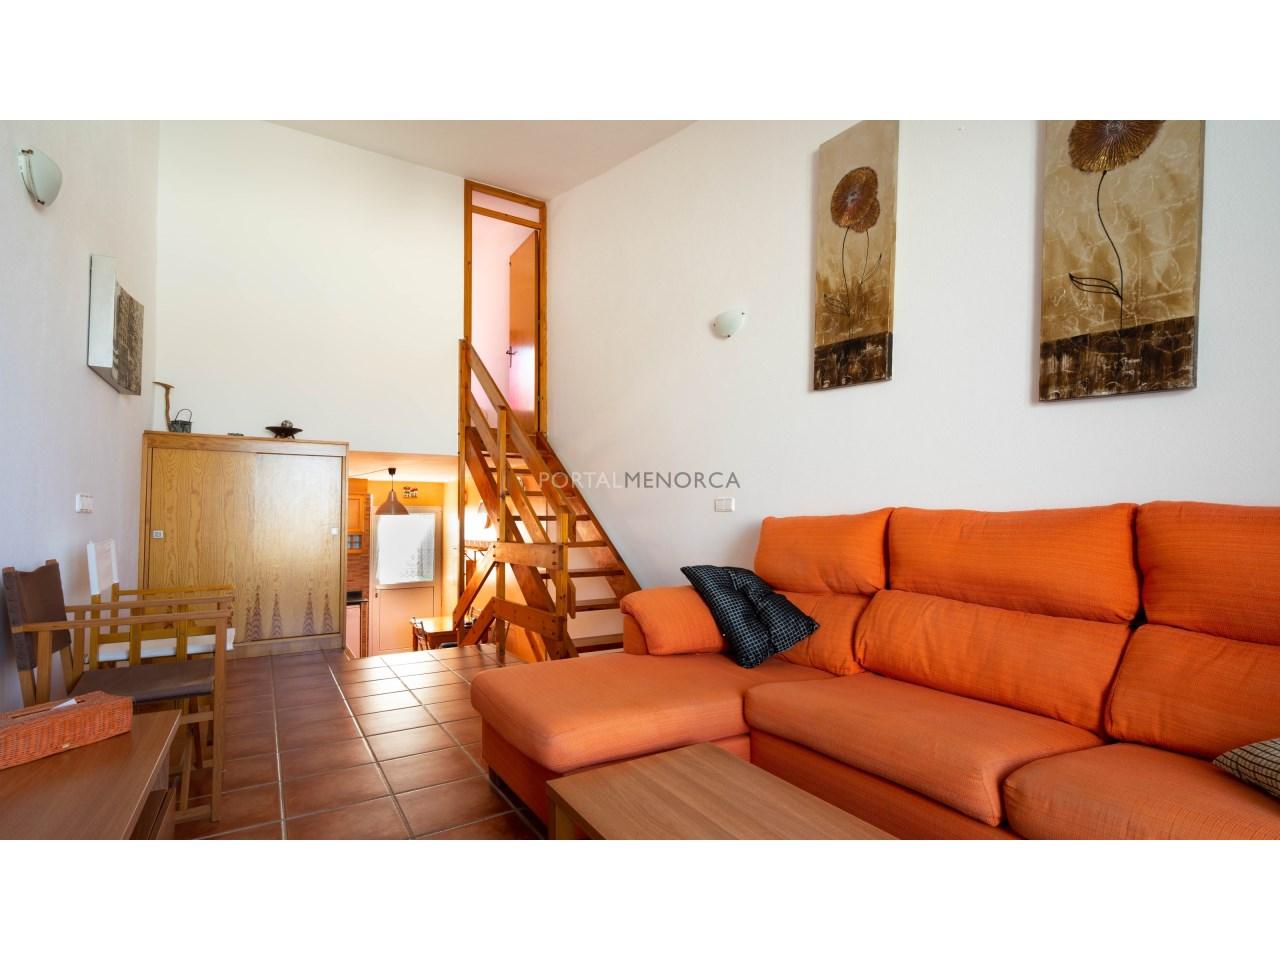 acheter-maison-son-parc-menorca (3)